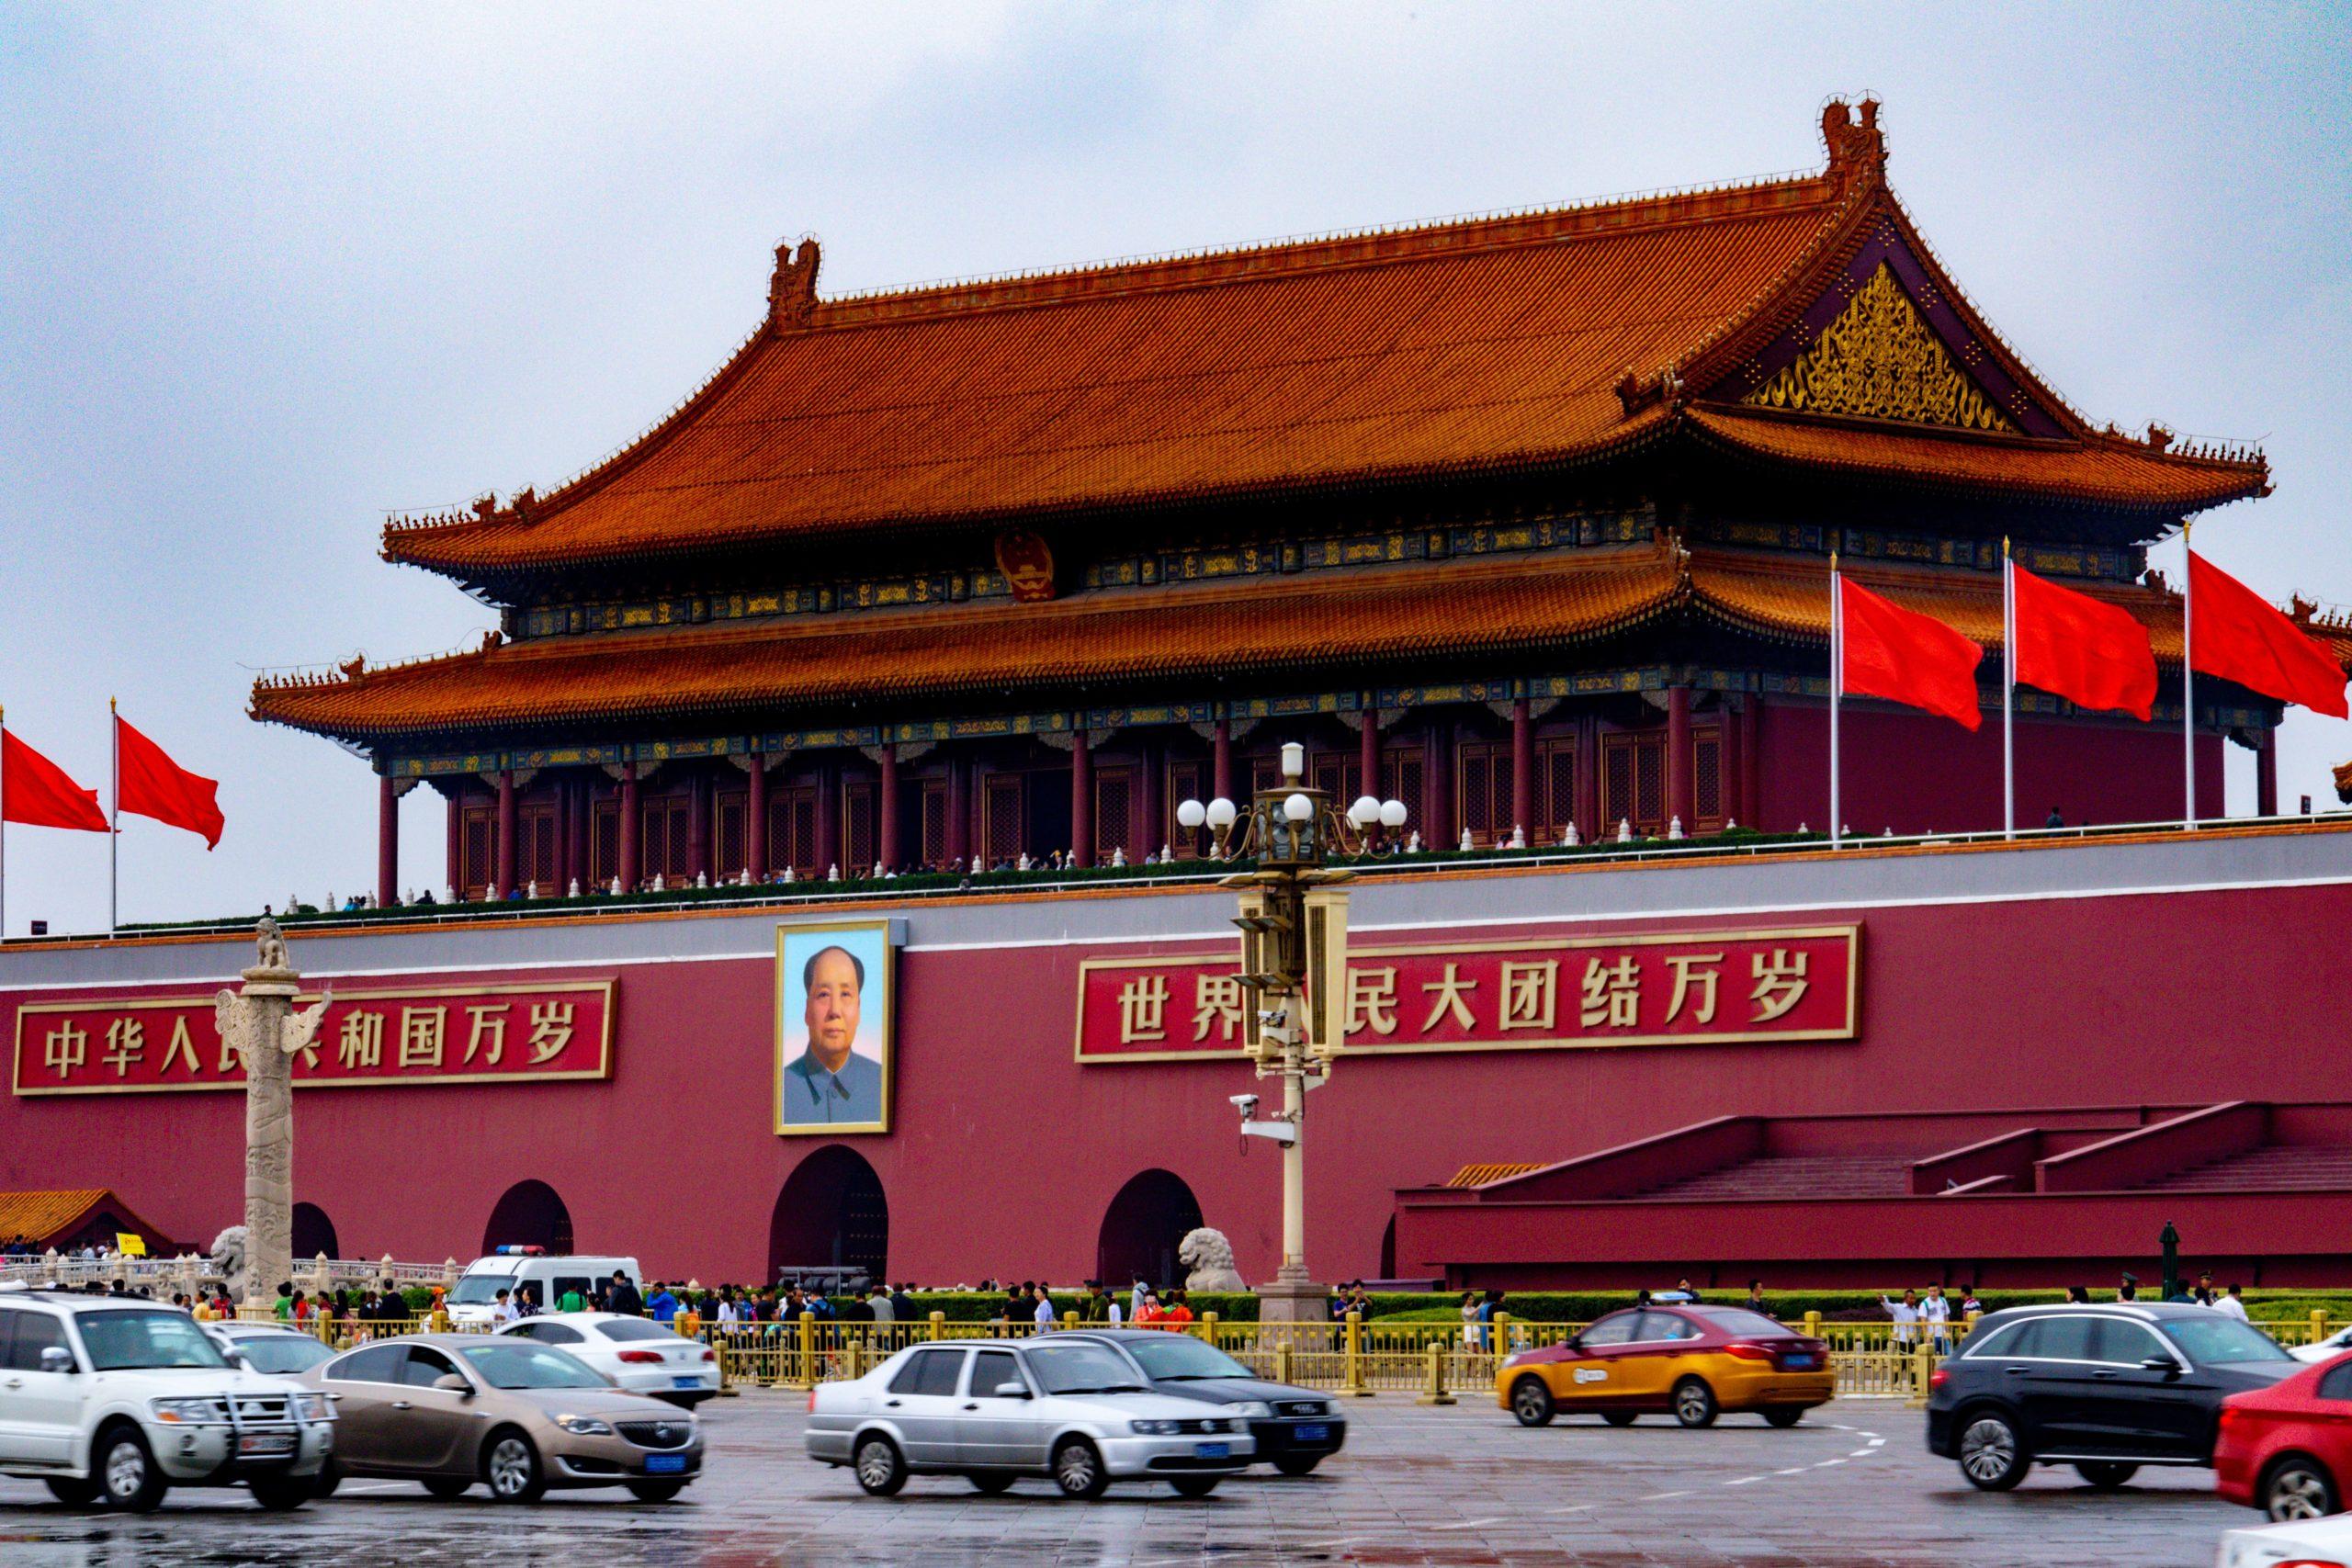 Cryptocurrency Cina Saat Ini Yang Pertama, tetapi Ketakutan Masih Ada